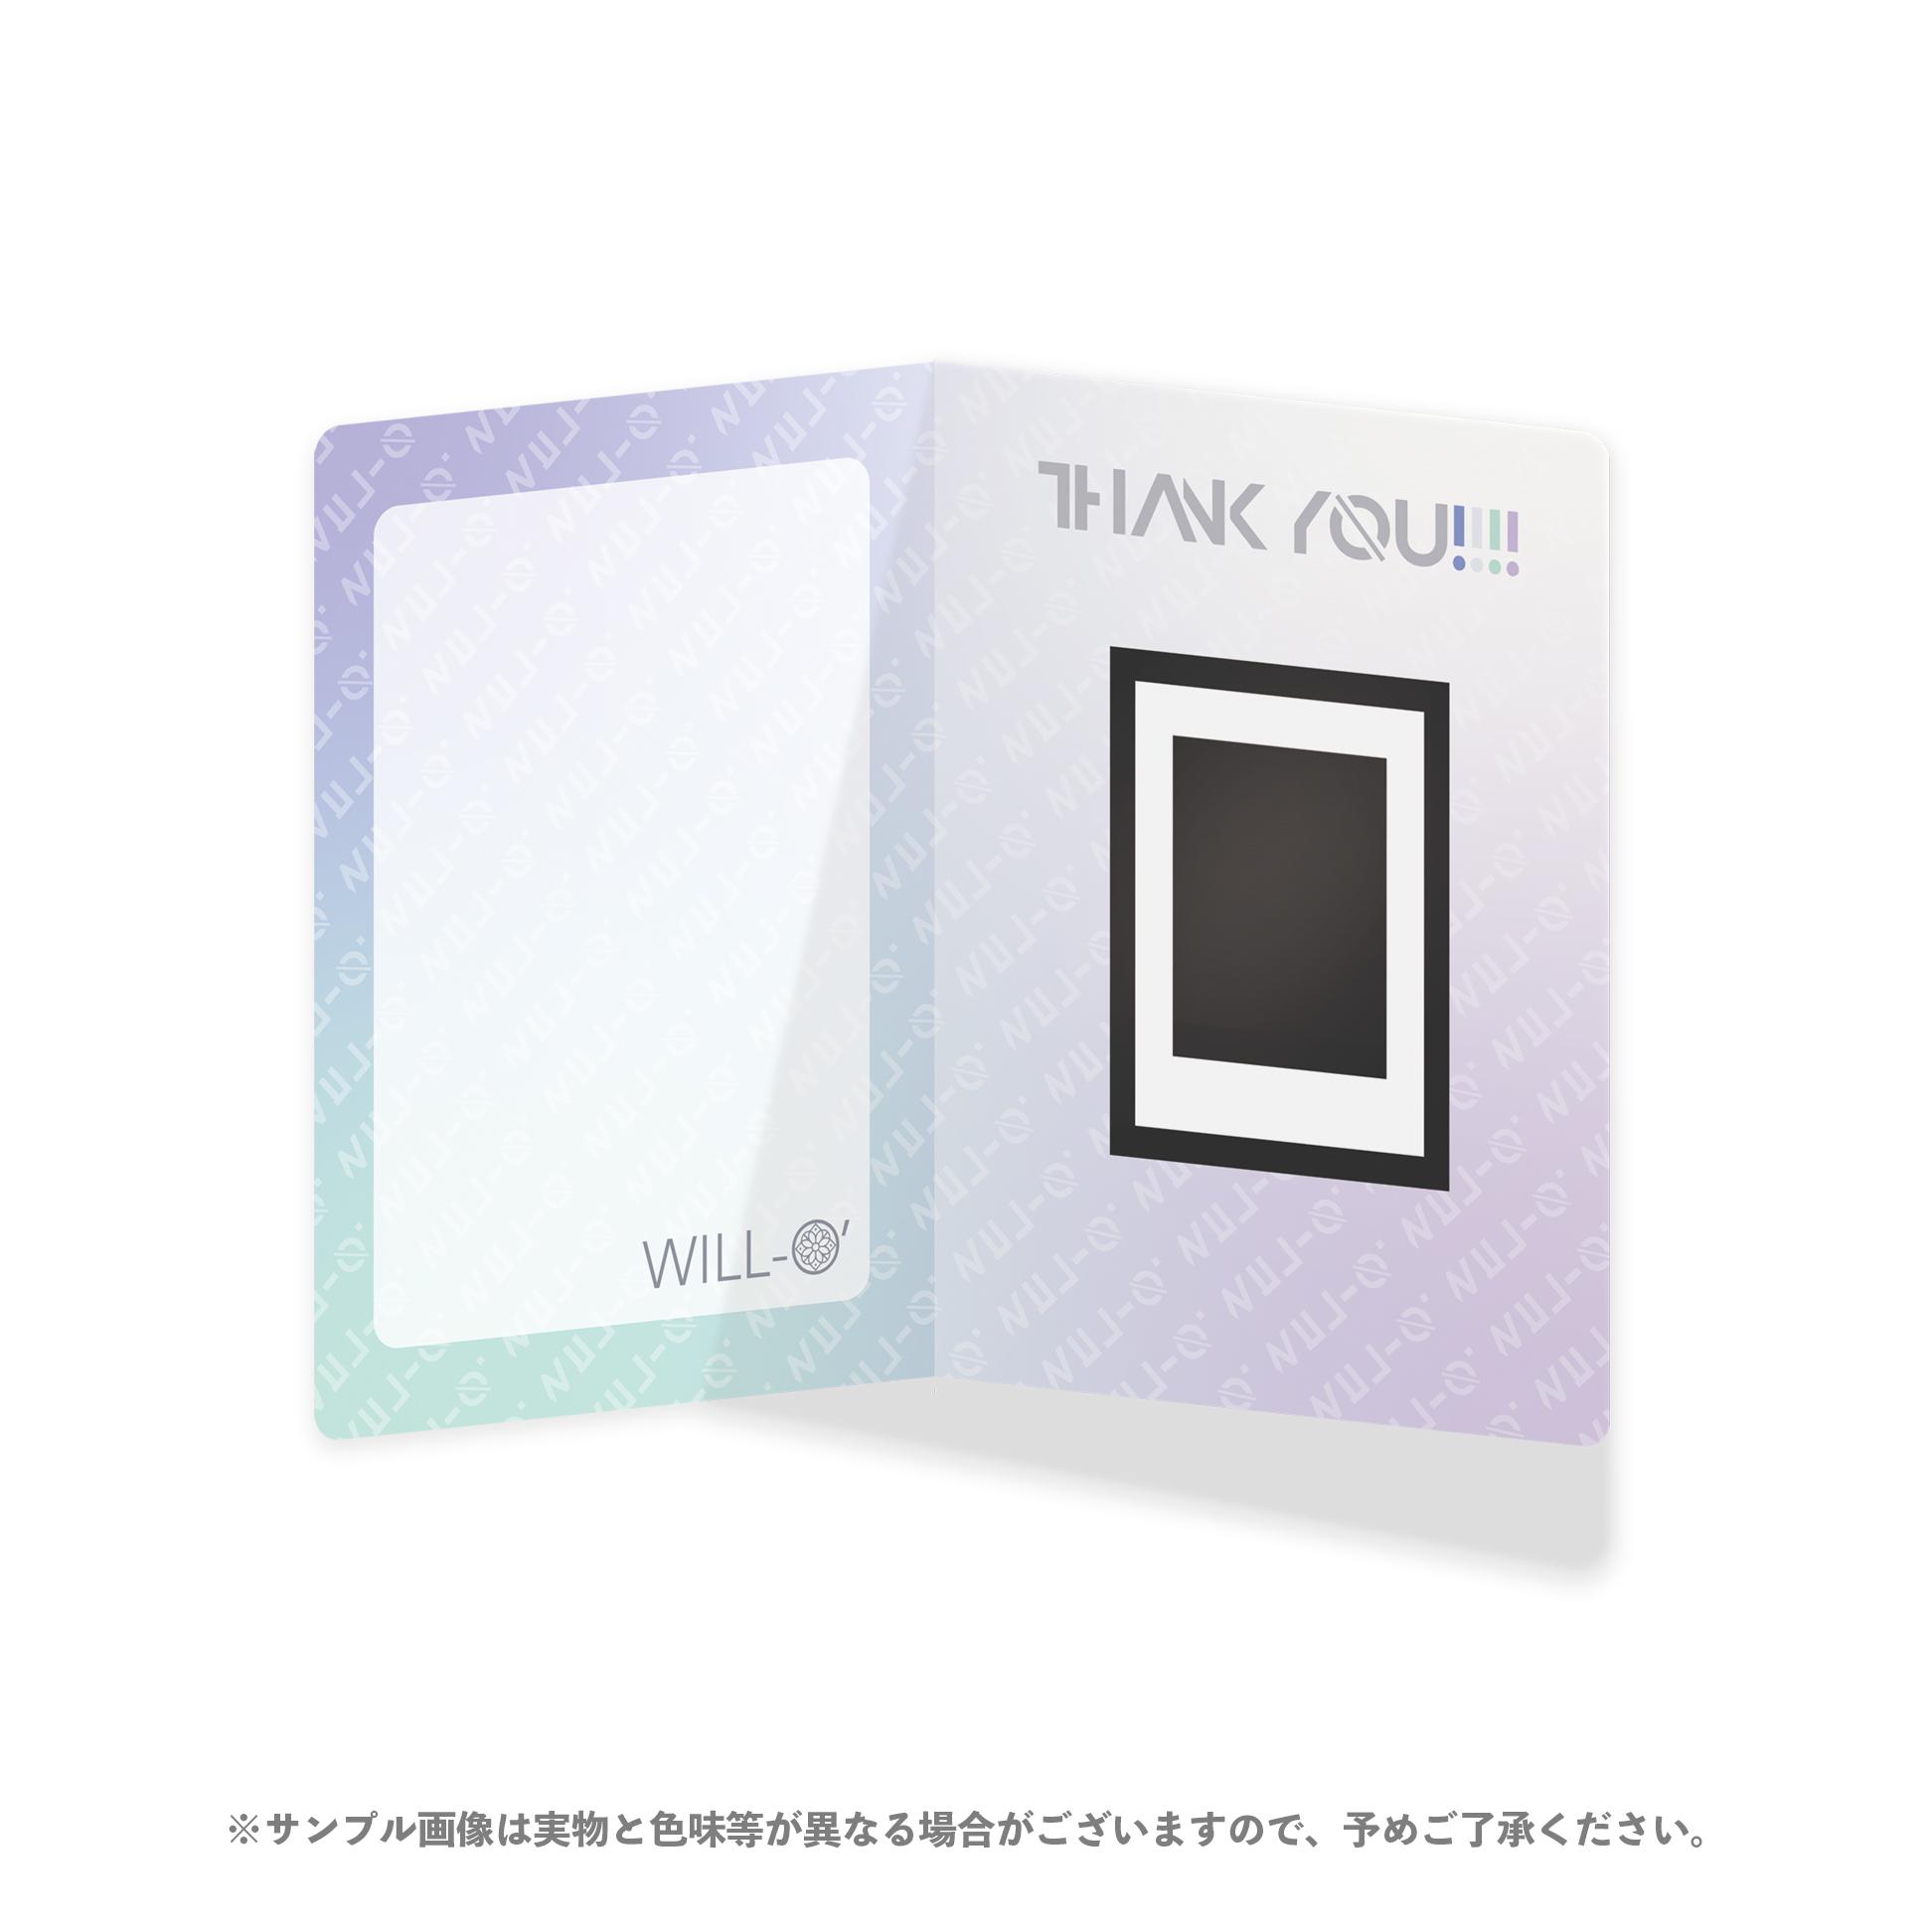 【小森うずら】FC限定/特製カードボードつきソロチェキ(浴衣)